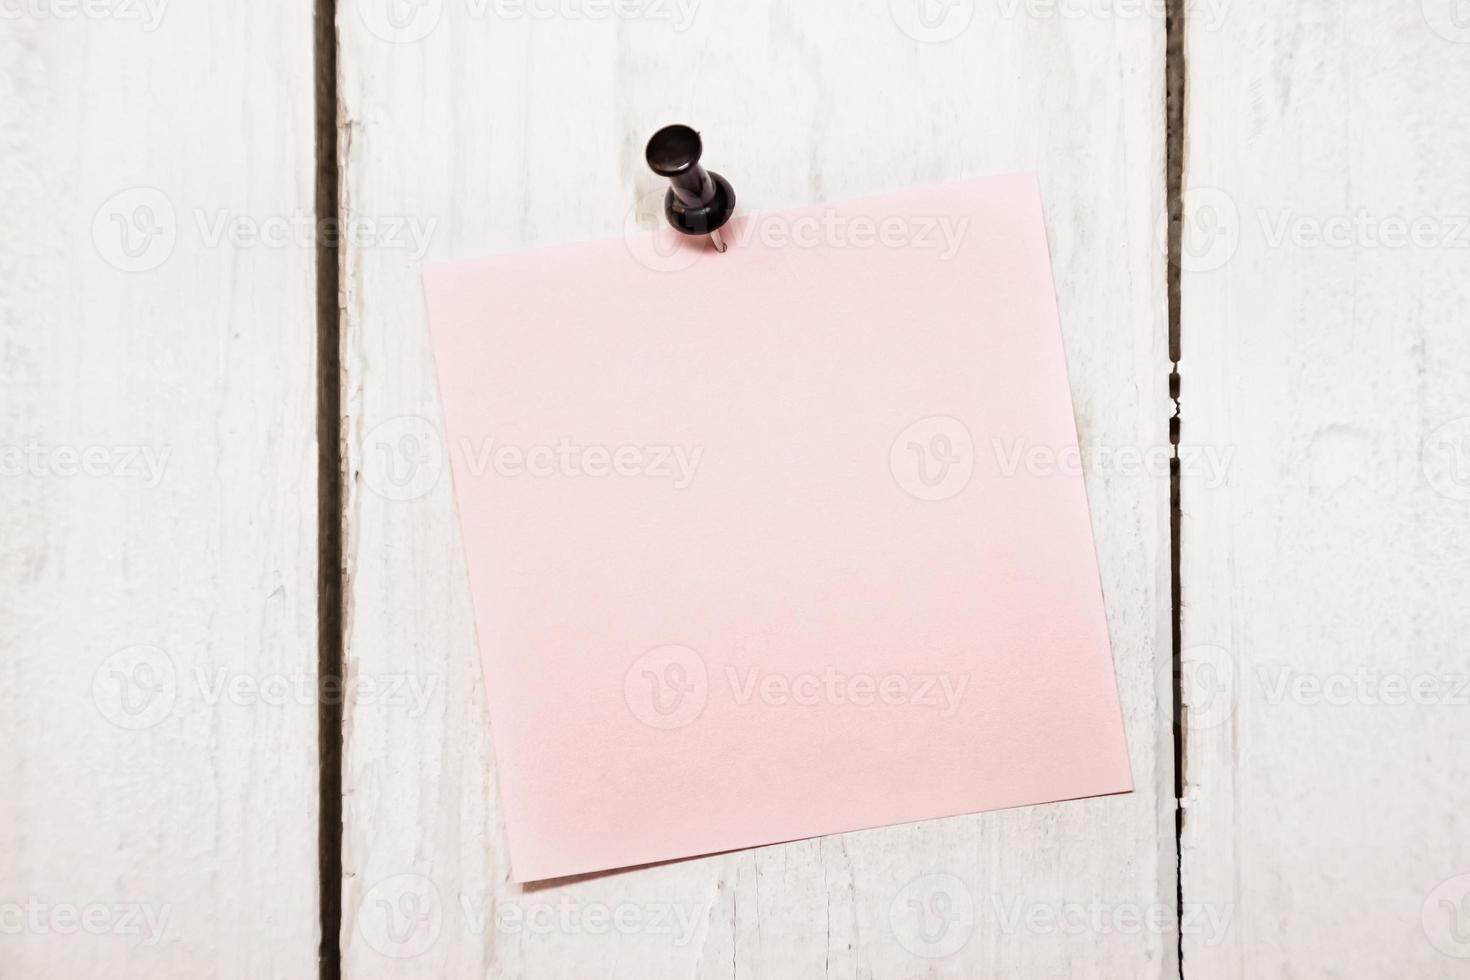 papel em branco nota com pino foto